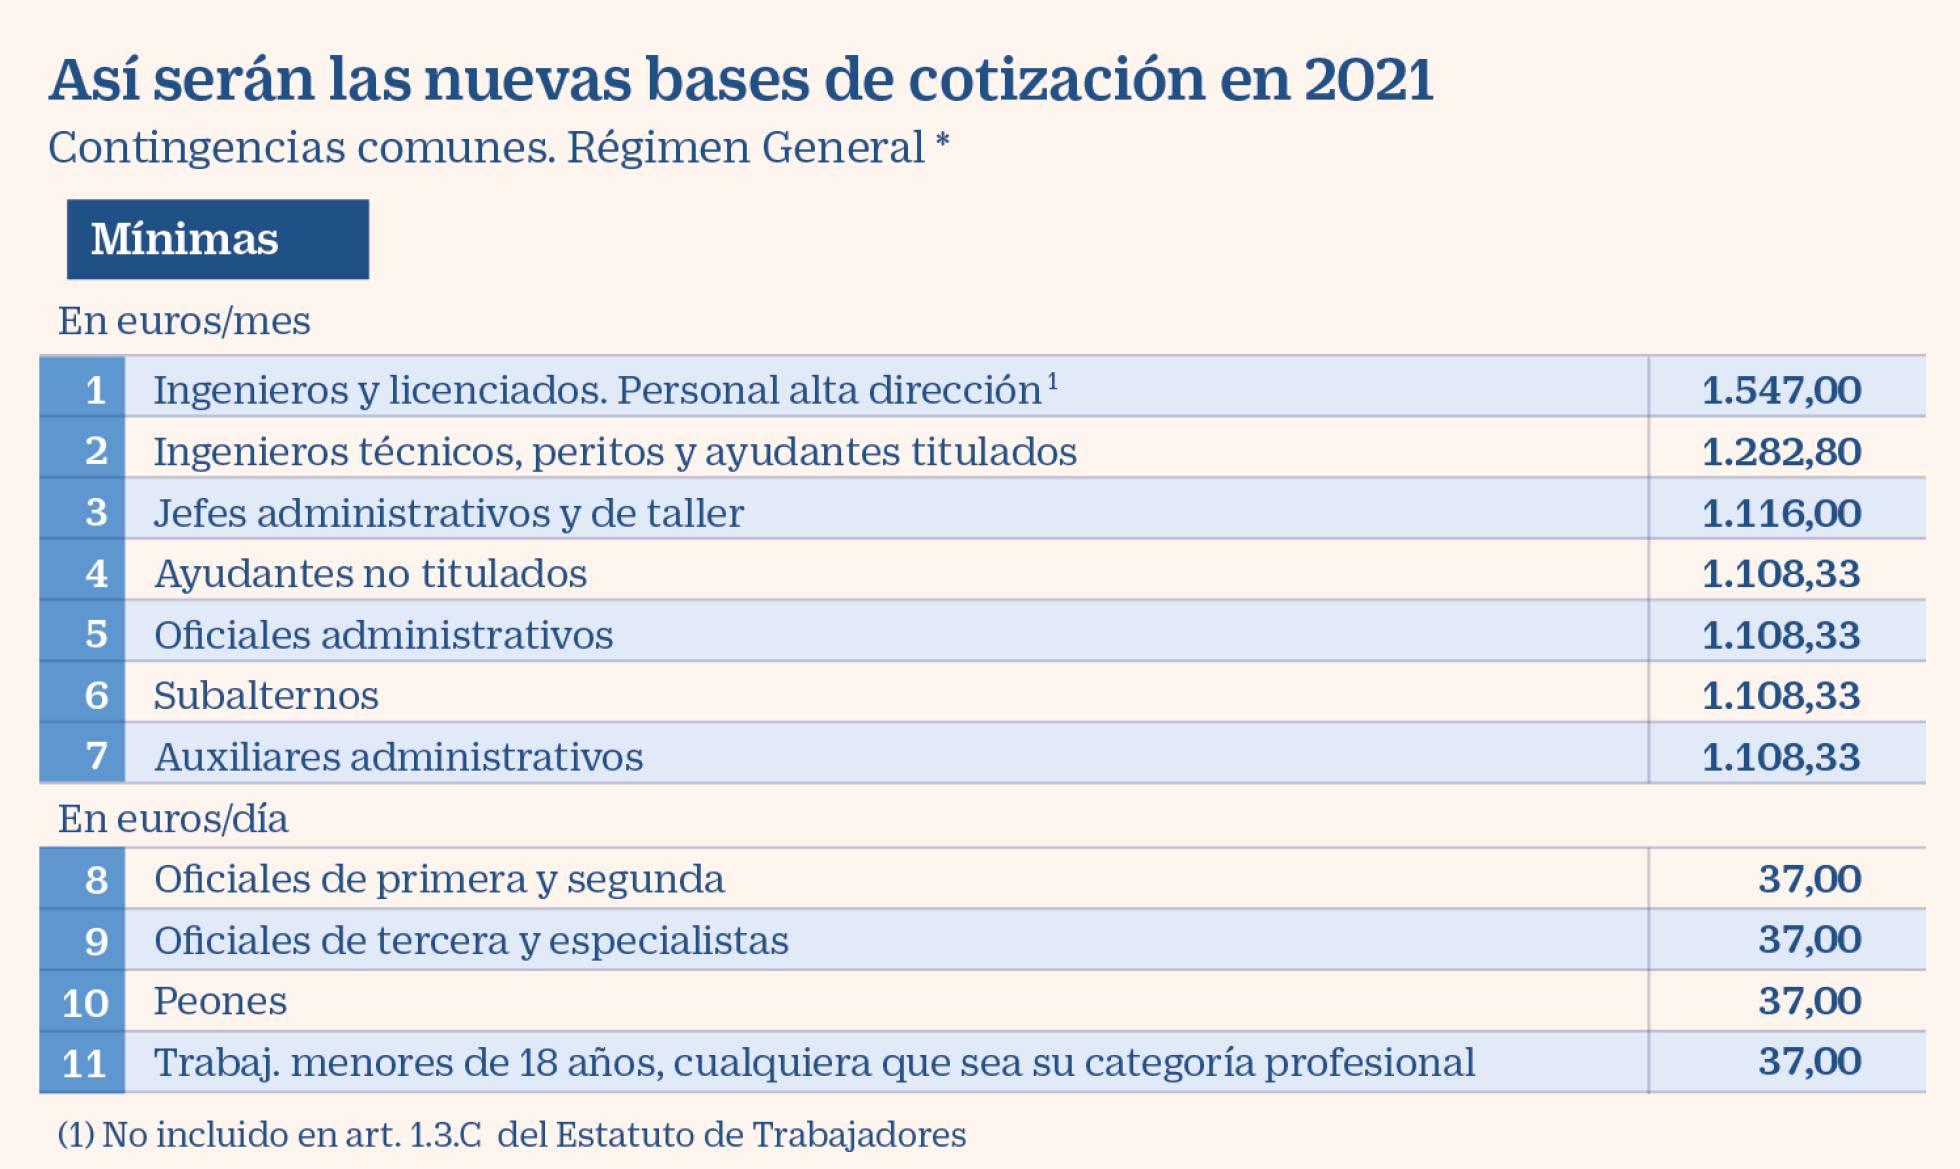 https://d500.epimg.net/cincodias/imagenes/2020/12/30/economia/1609353458_113468_1609378411_noticia_normal_recorte1.jpg